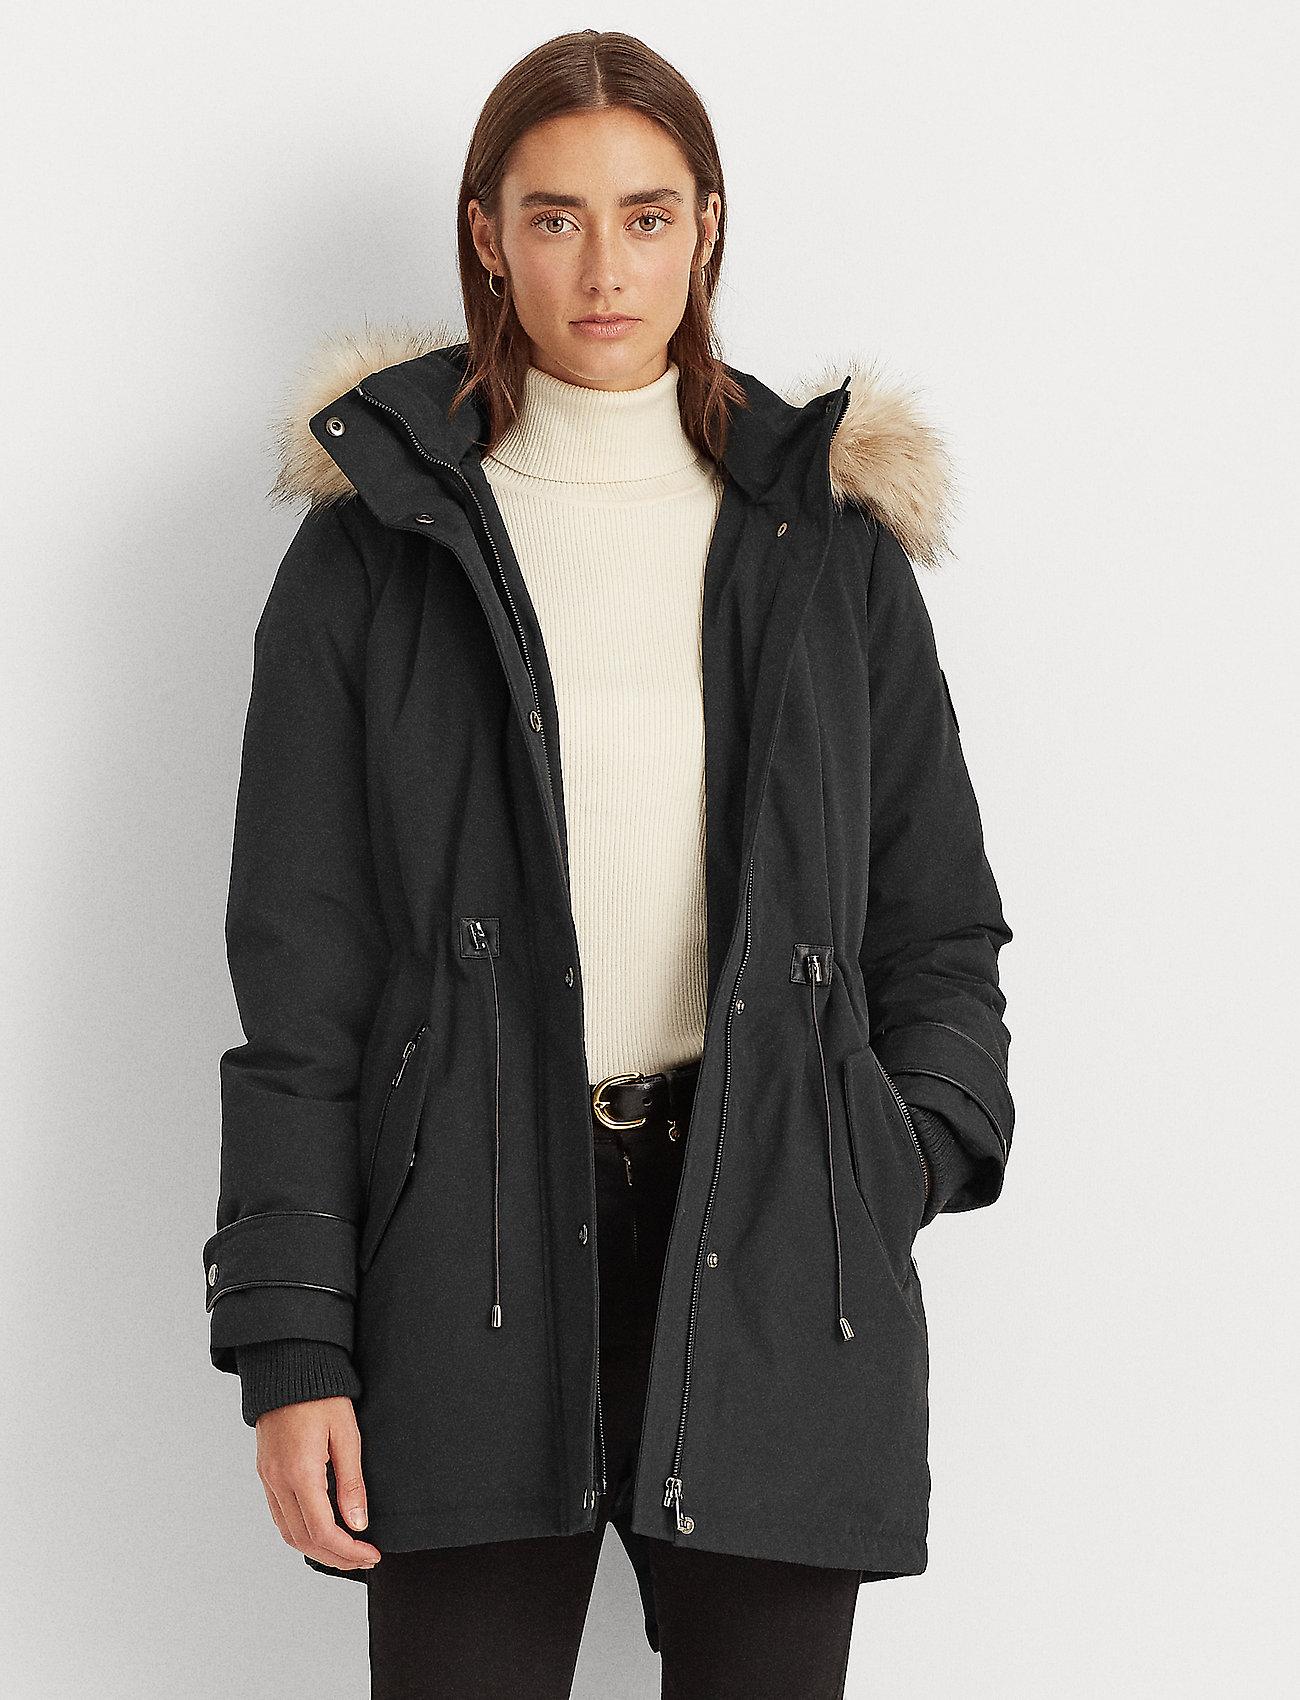 Lauren Ralph Lauren - Hooded Parka Coat - parkacoats - black - 0